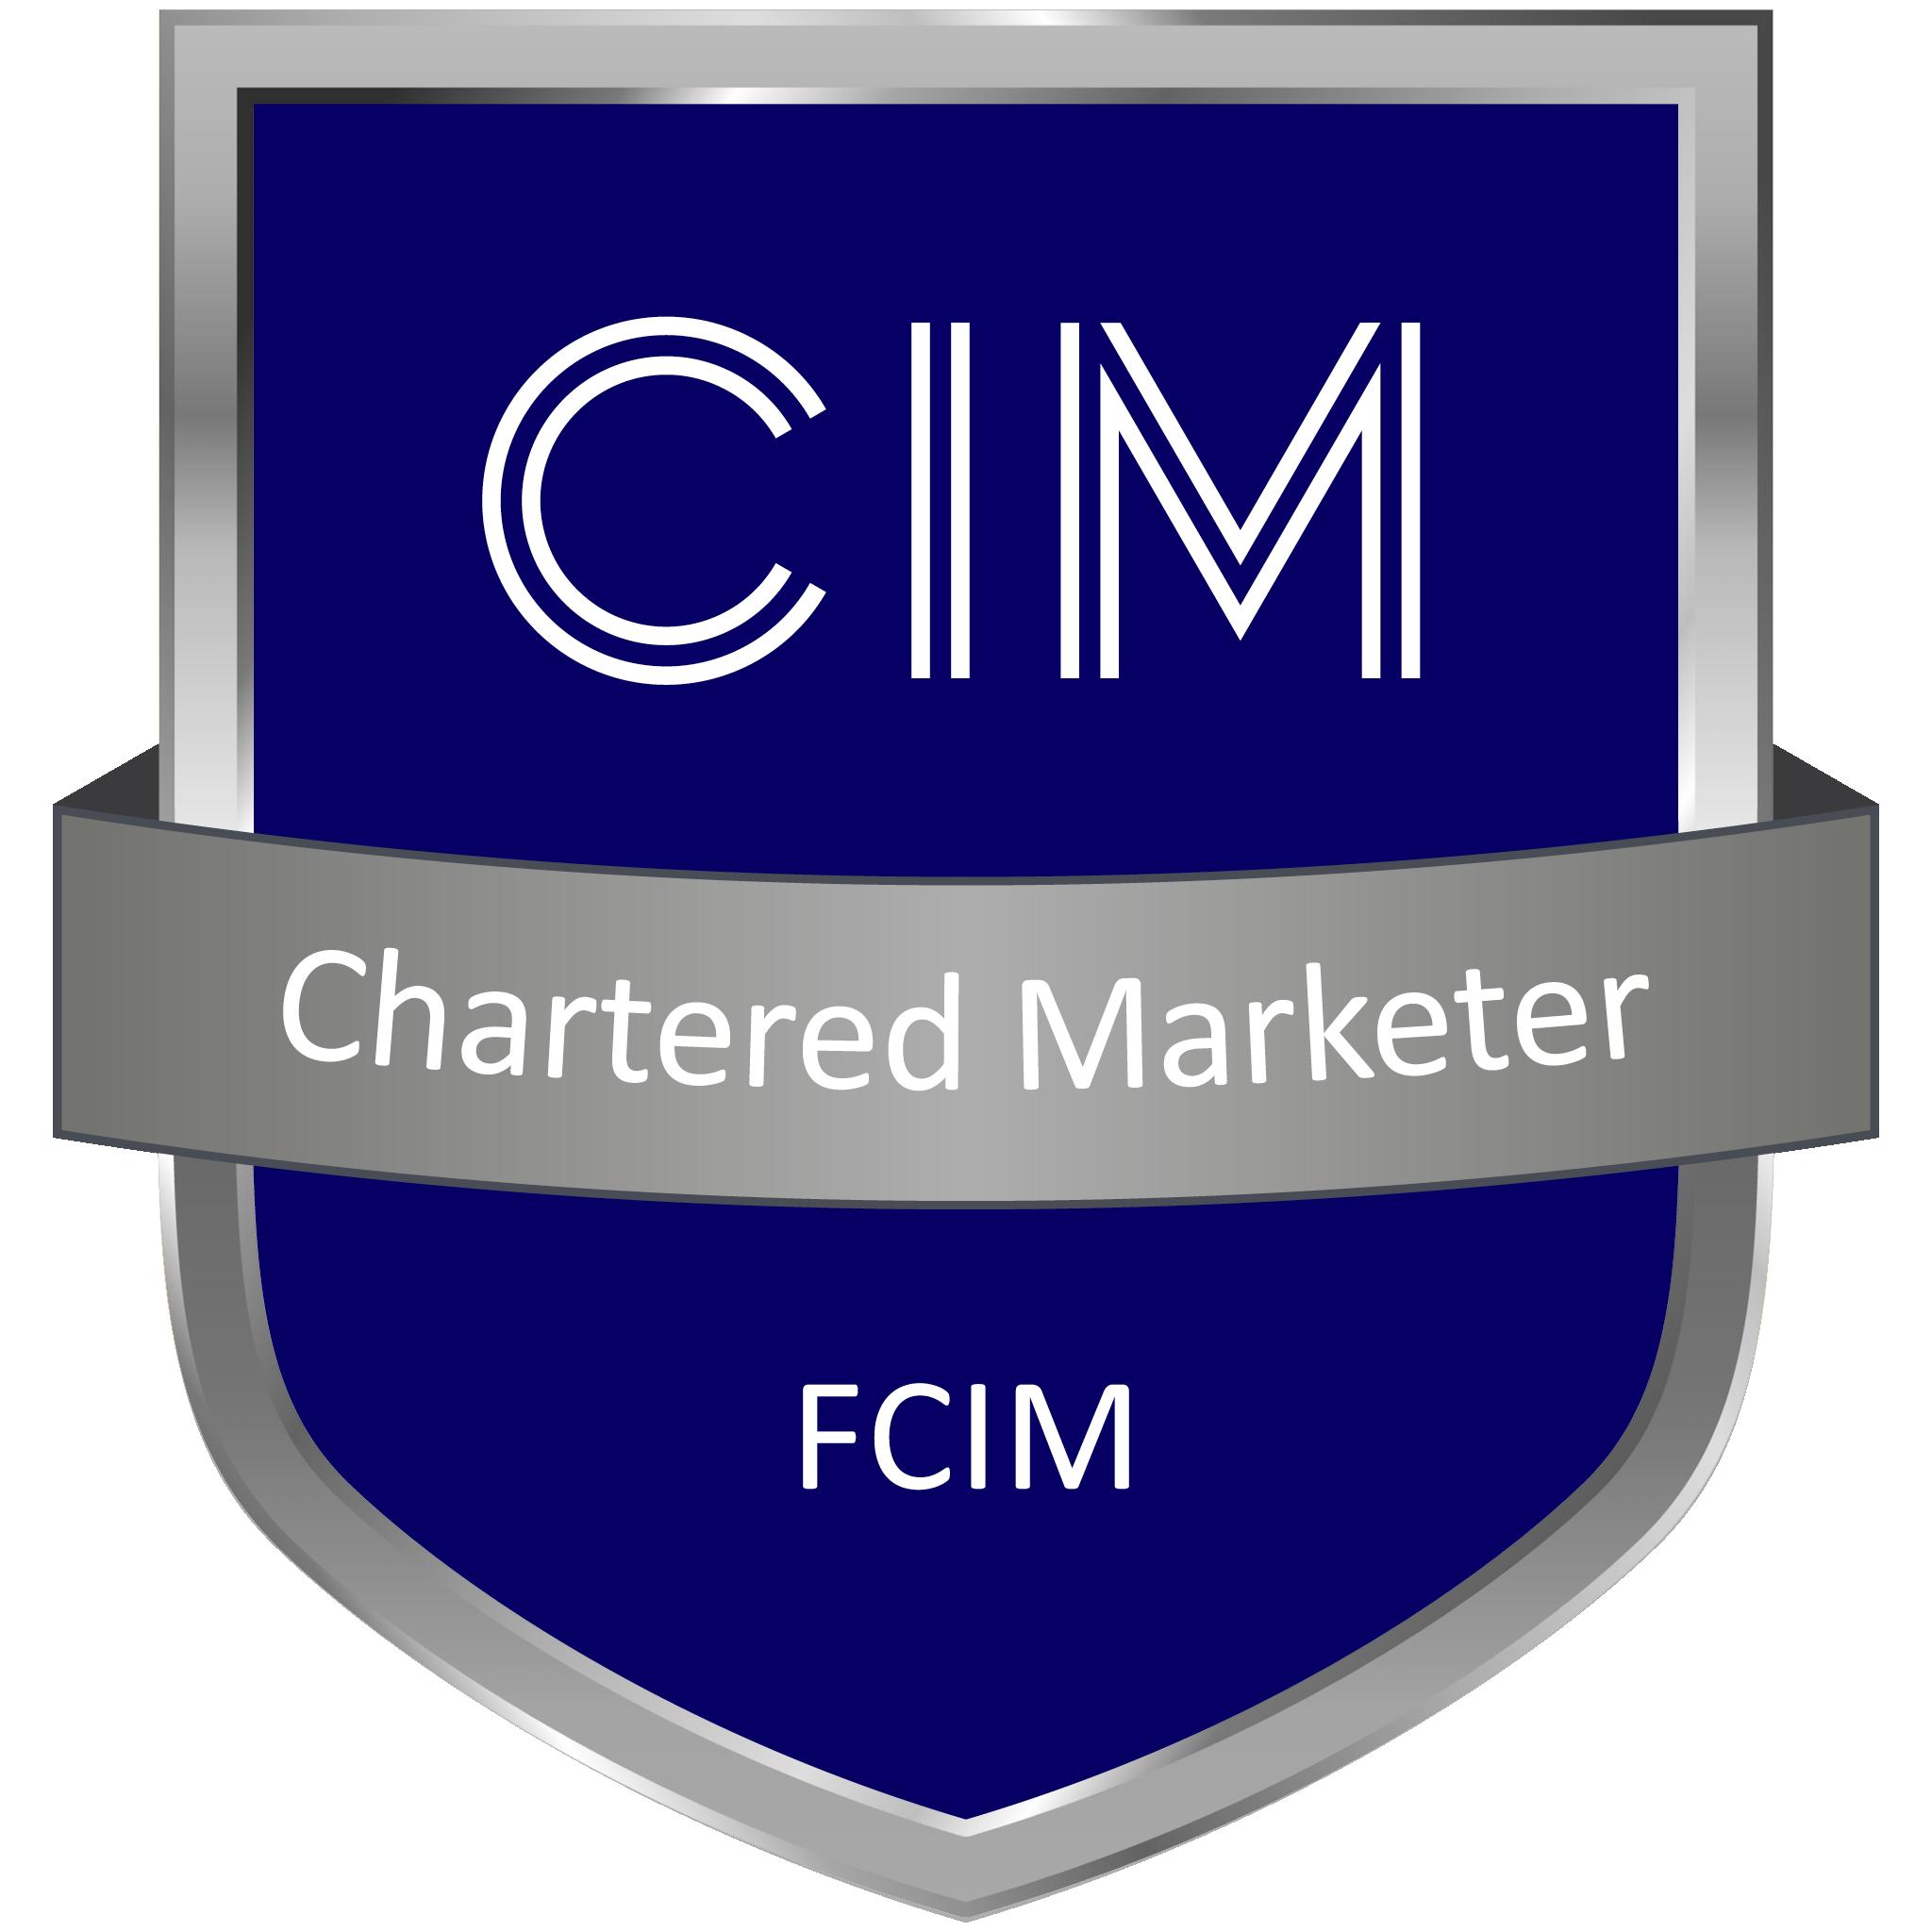 CIM Chartered Marketer FCIM Member